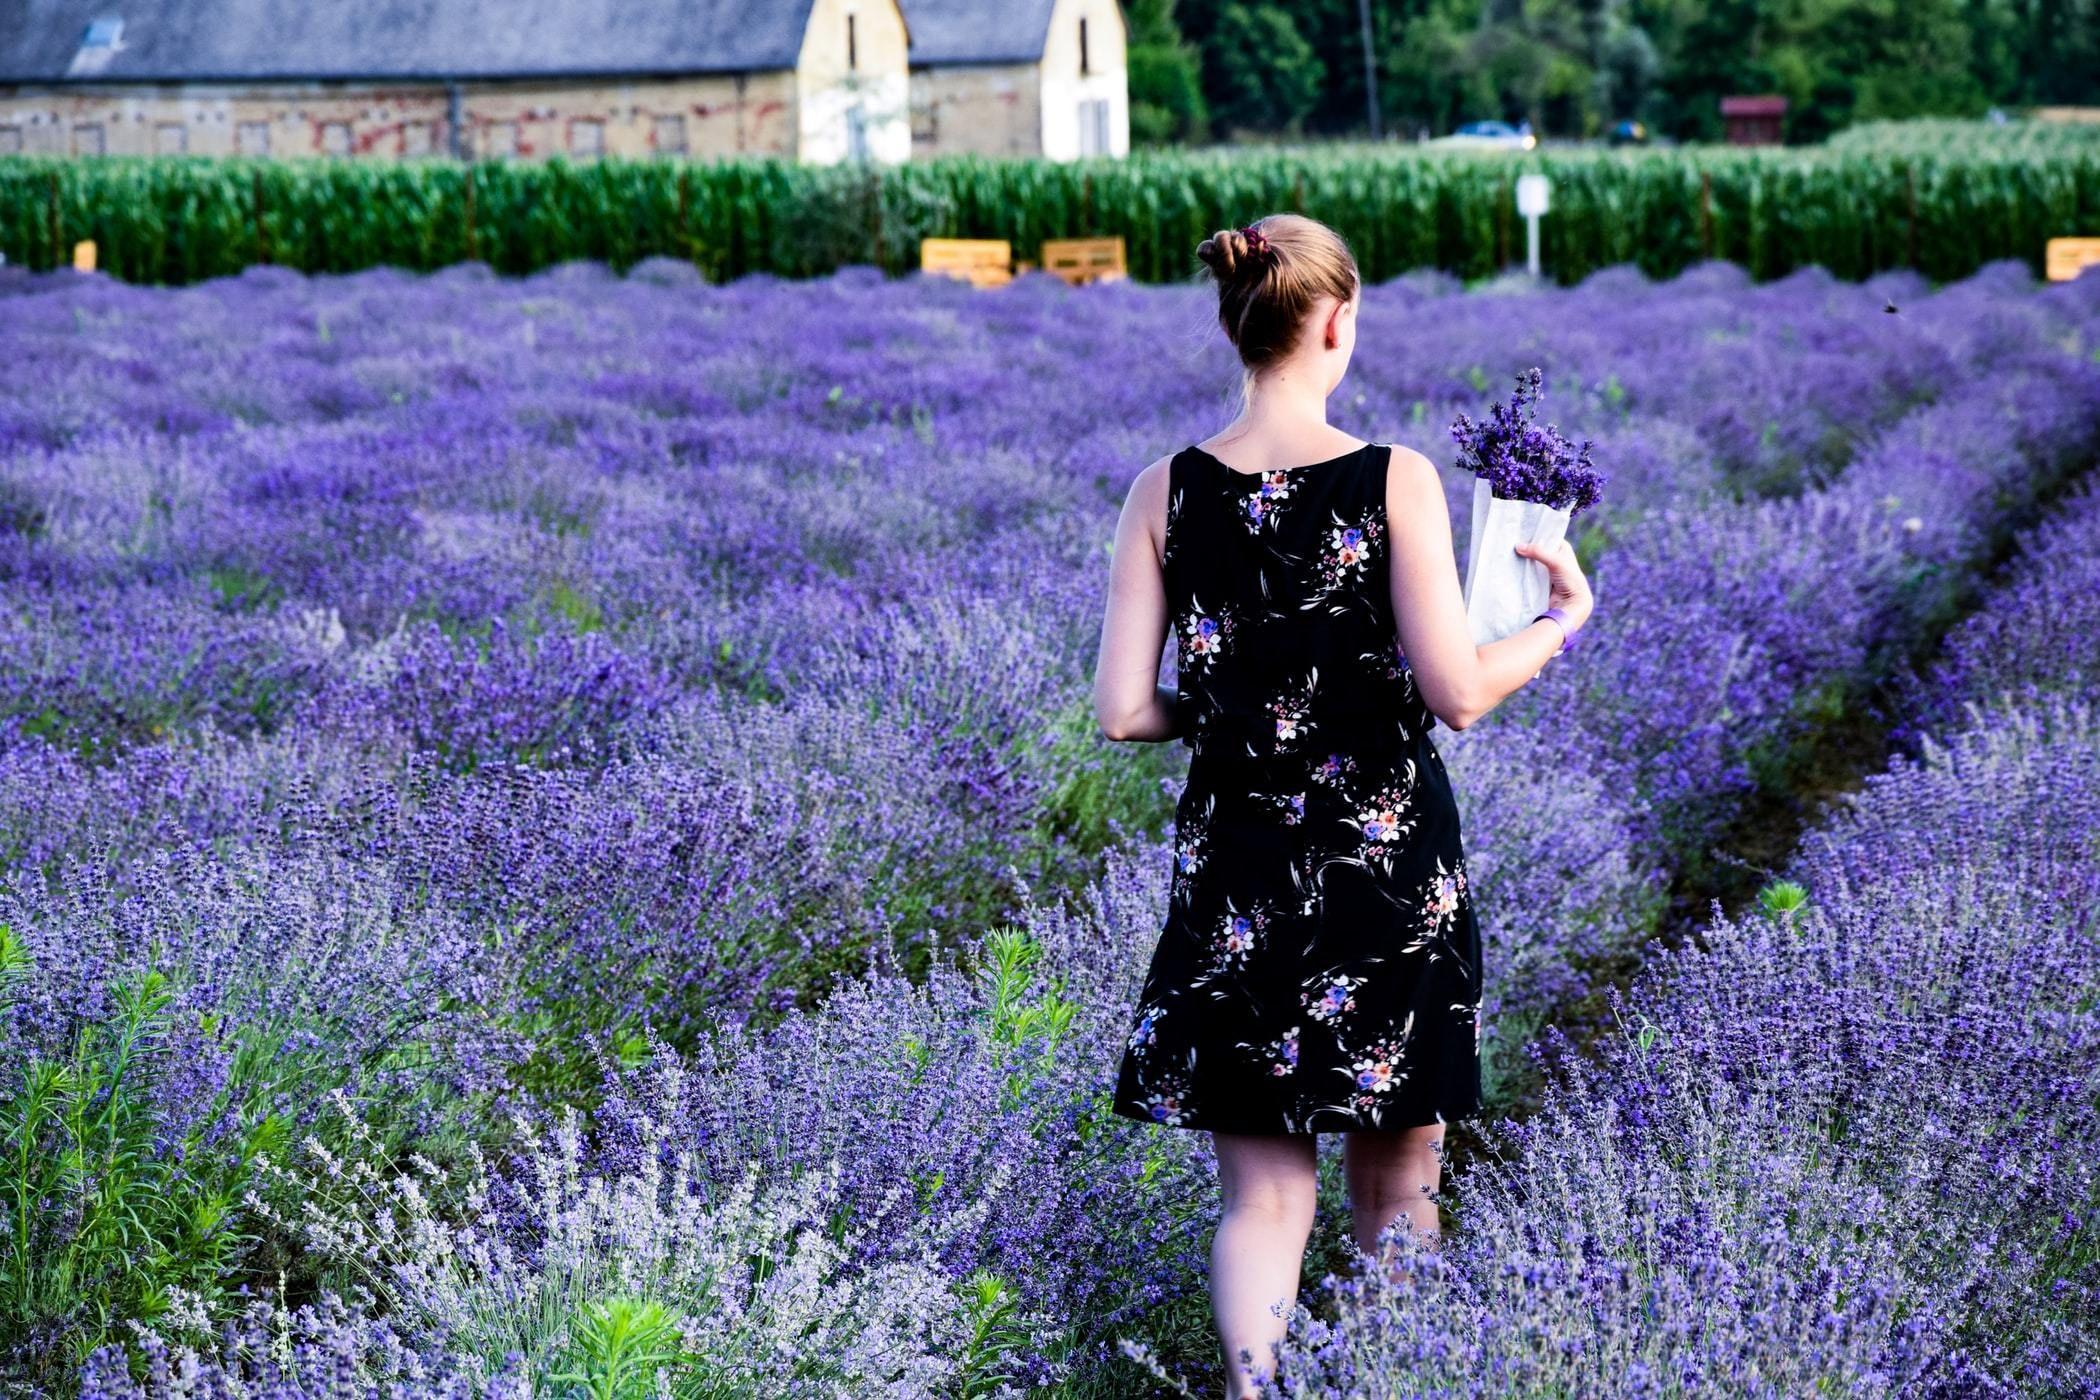 Benefits Of Lavender In 2020 Lavender Benefits Lavender Hair